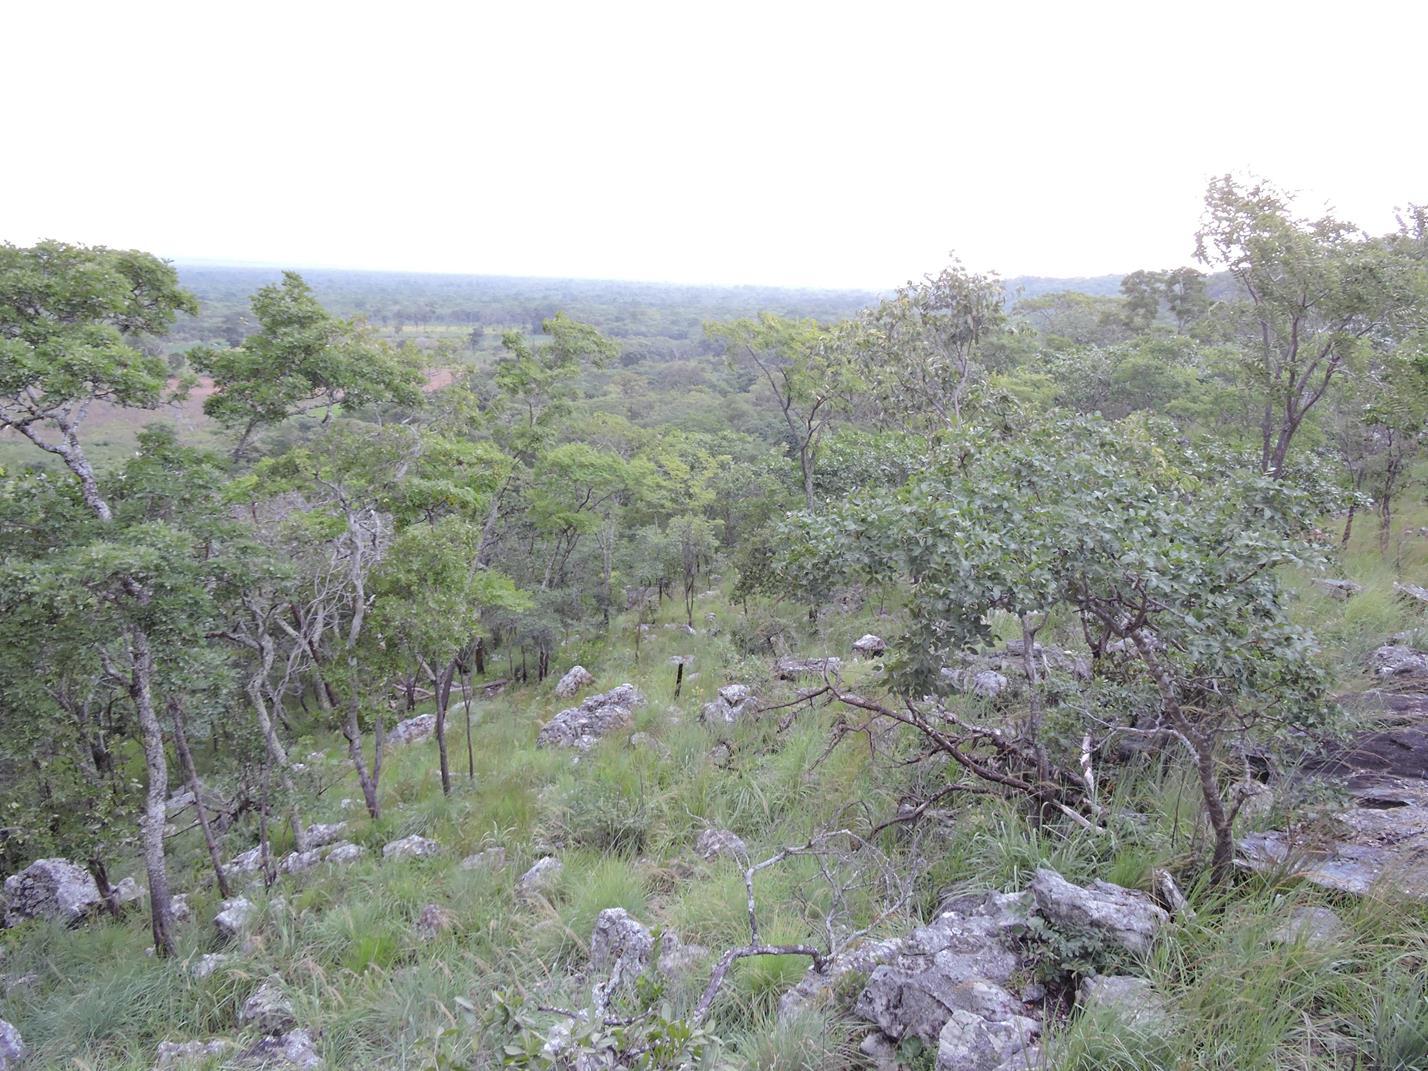 Namutoya wooded rocky hills. Habitat: Rocky miombo woodland. Location: Namutoya area, Serenje District, Central Province.